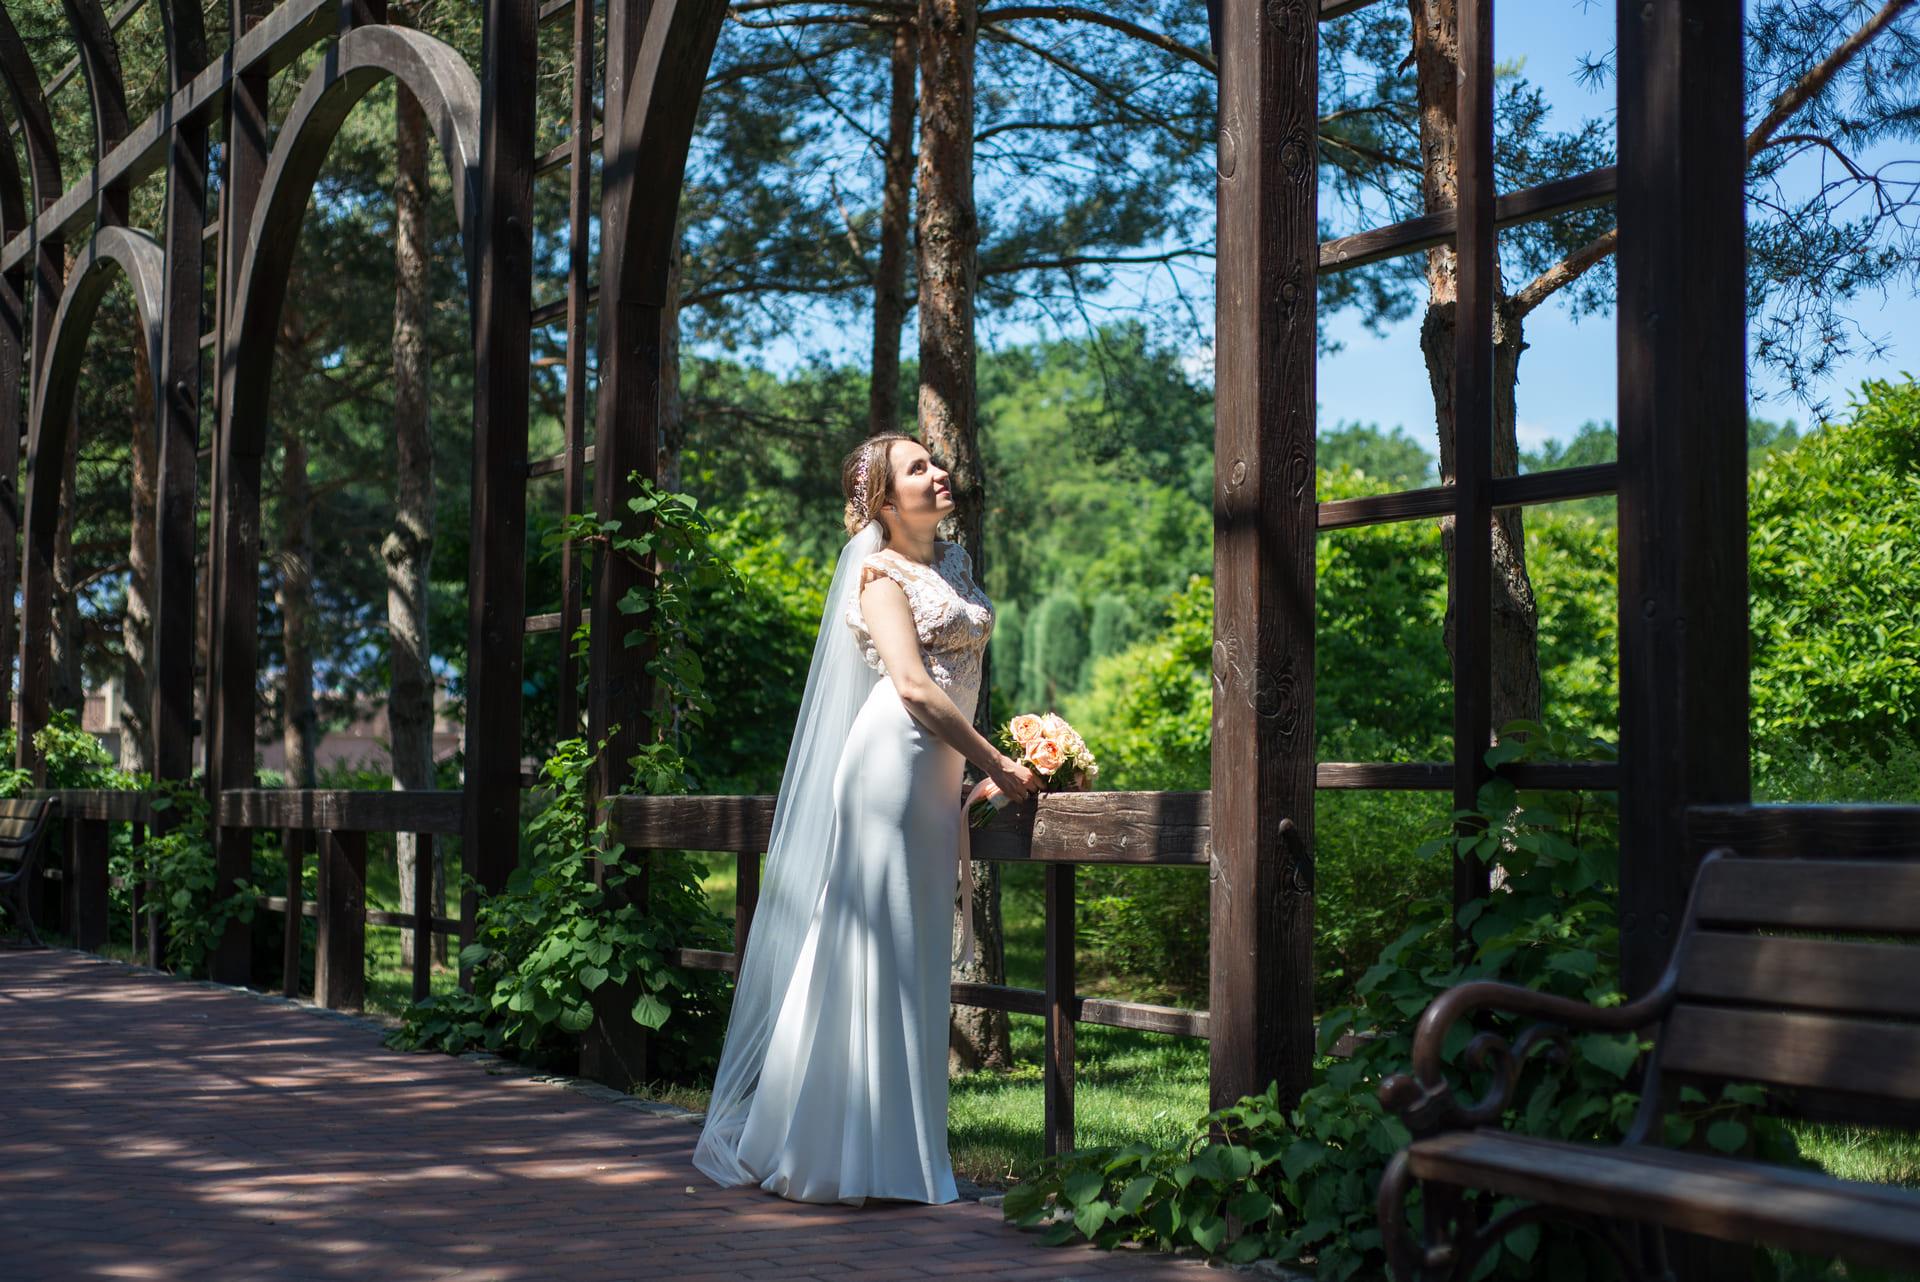 Свадебная фотосессия в Межигорье: Невеста задумчиво смотрит в небо